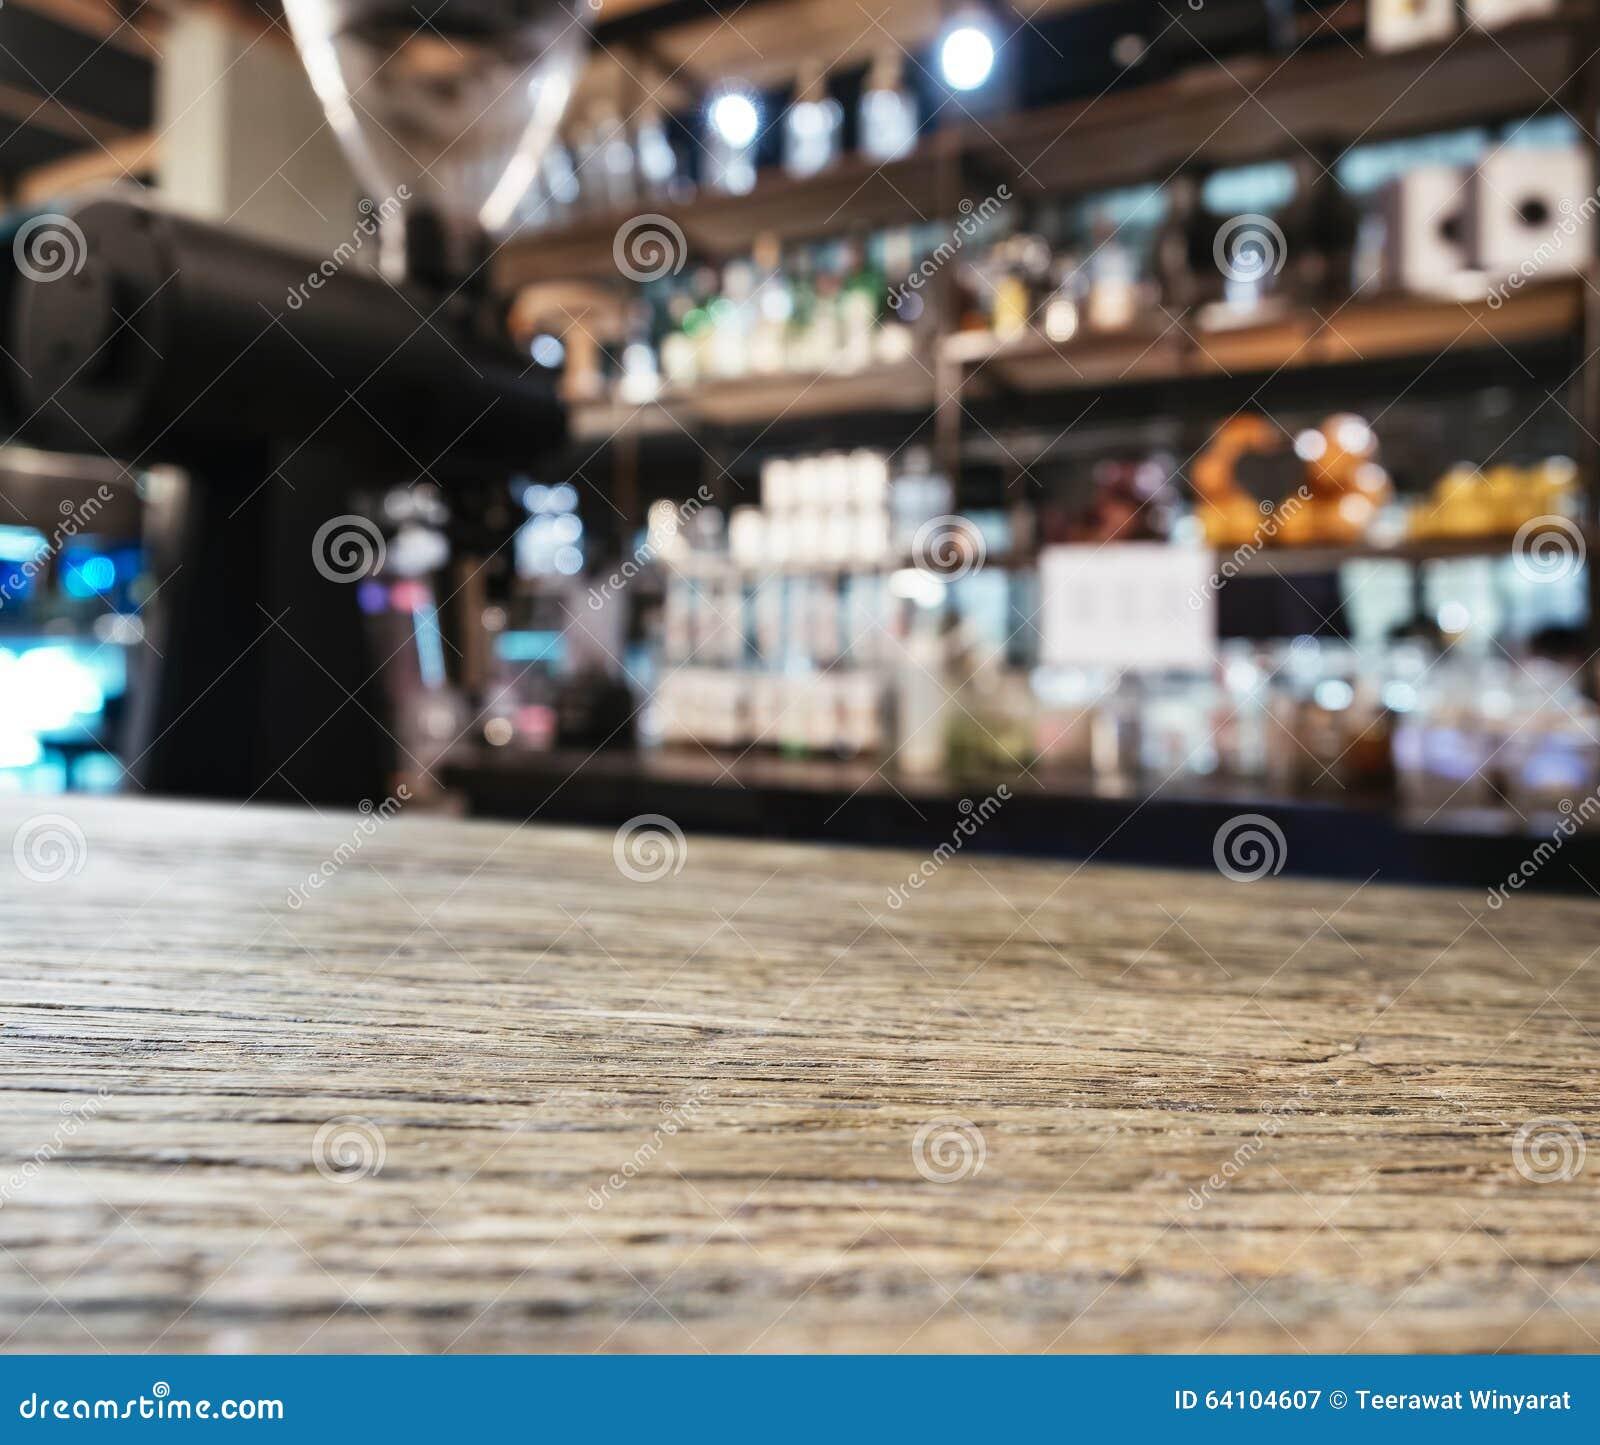 Restaurant Kitchen Background table top counter bar restaurant kitchen background stock photo